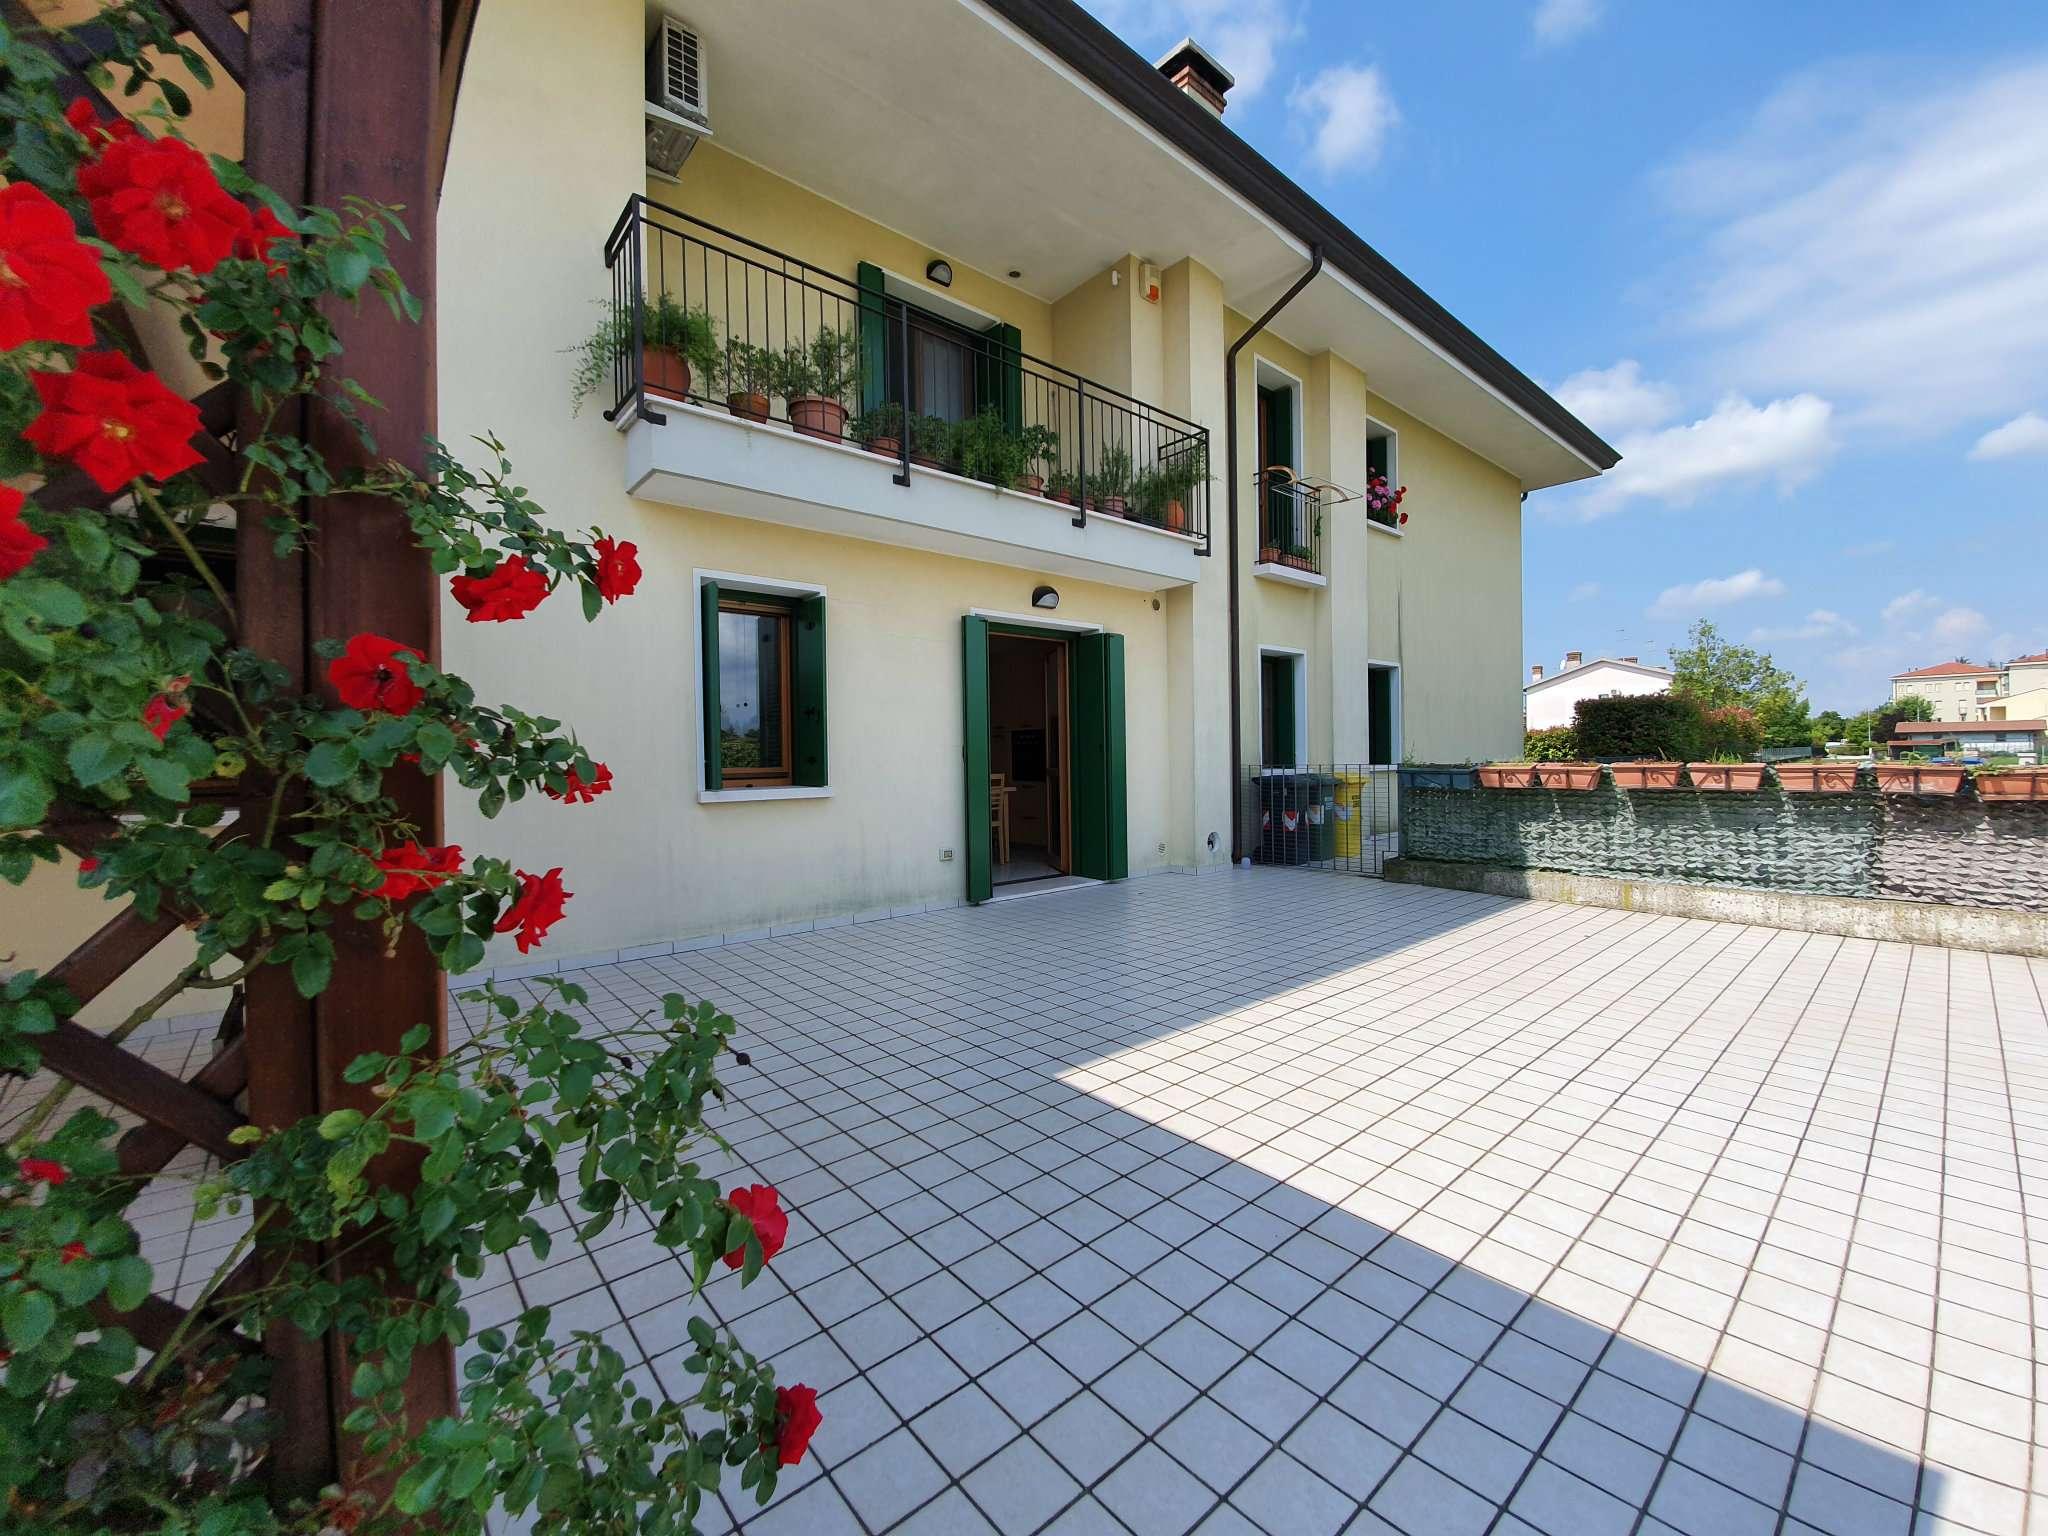 Appartamento in vendita a Mansuè, 2 locali, prezzo € 120.000 | PortaleAgenzieImmobiliari.it